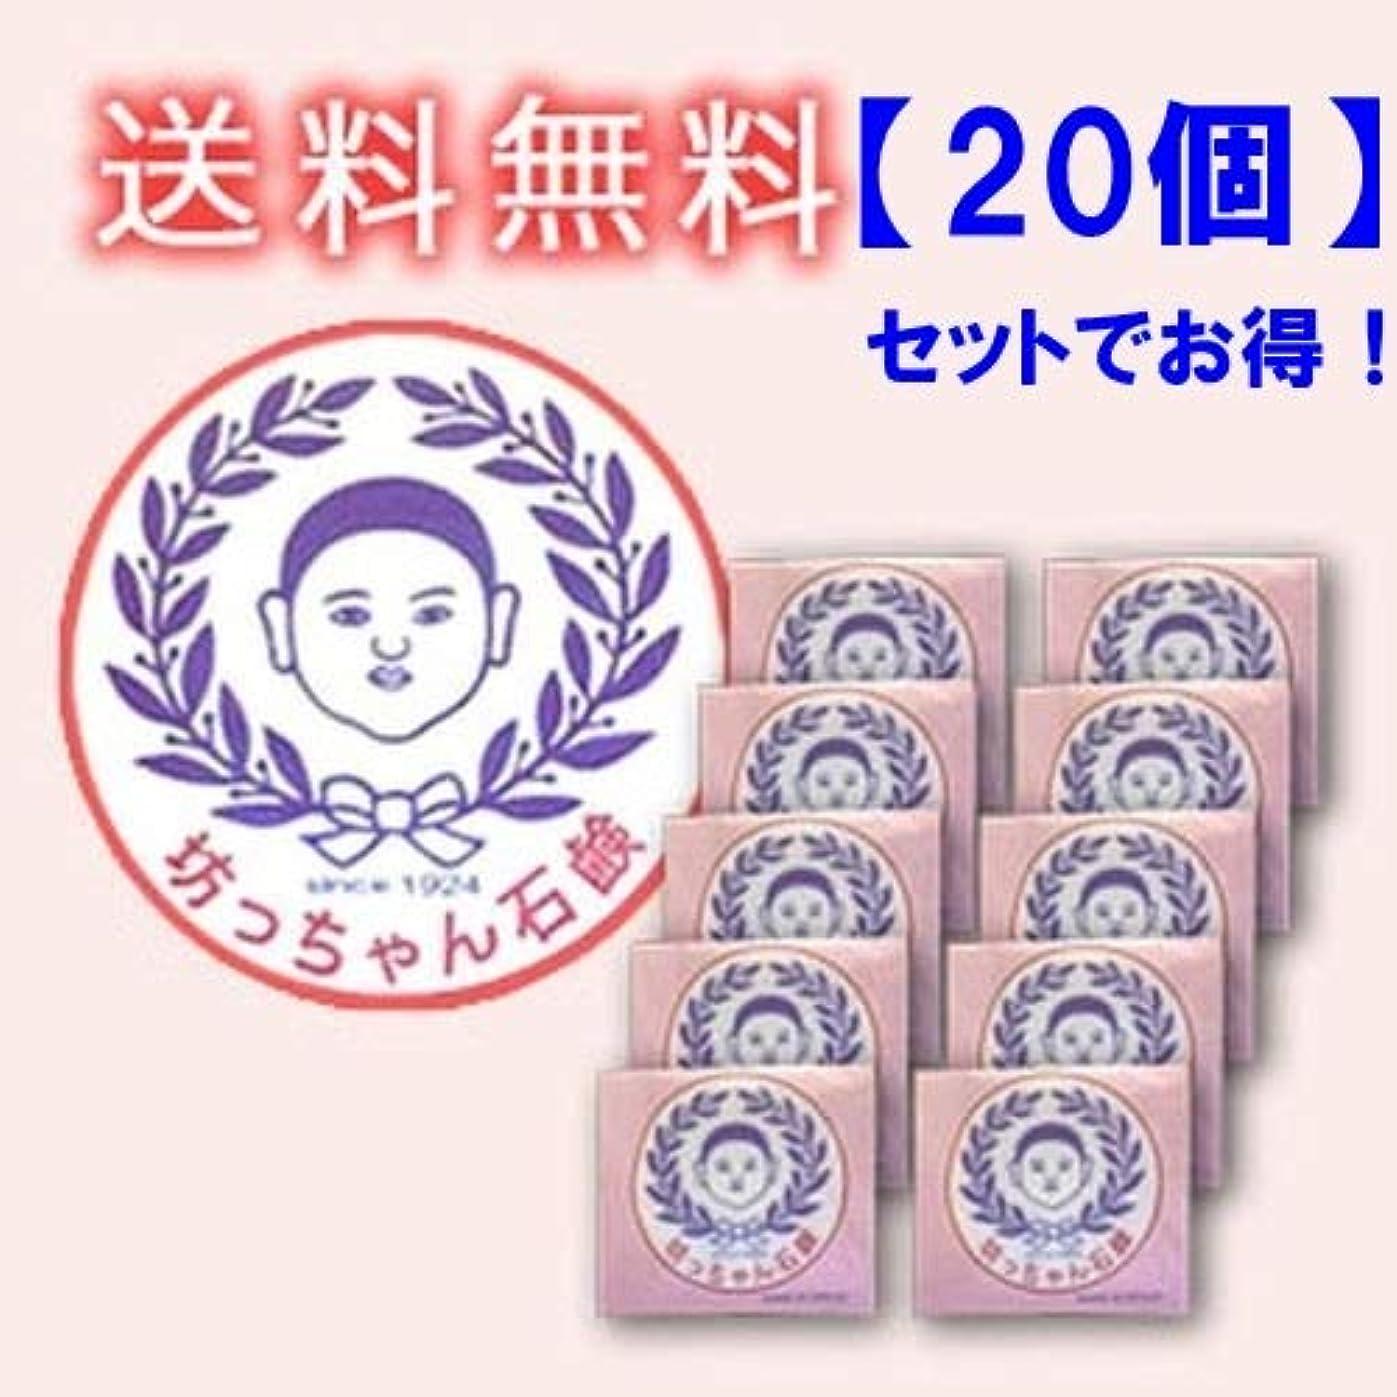 下手火山国【20個】釜出し一番石けん 坊っちゃん石鹸 175g×20個まとめ買い